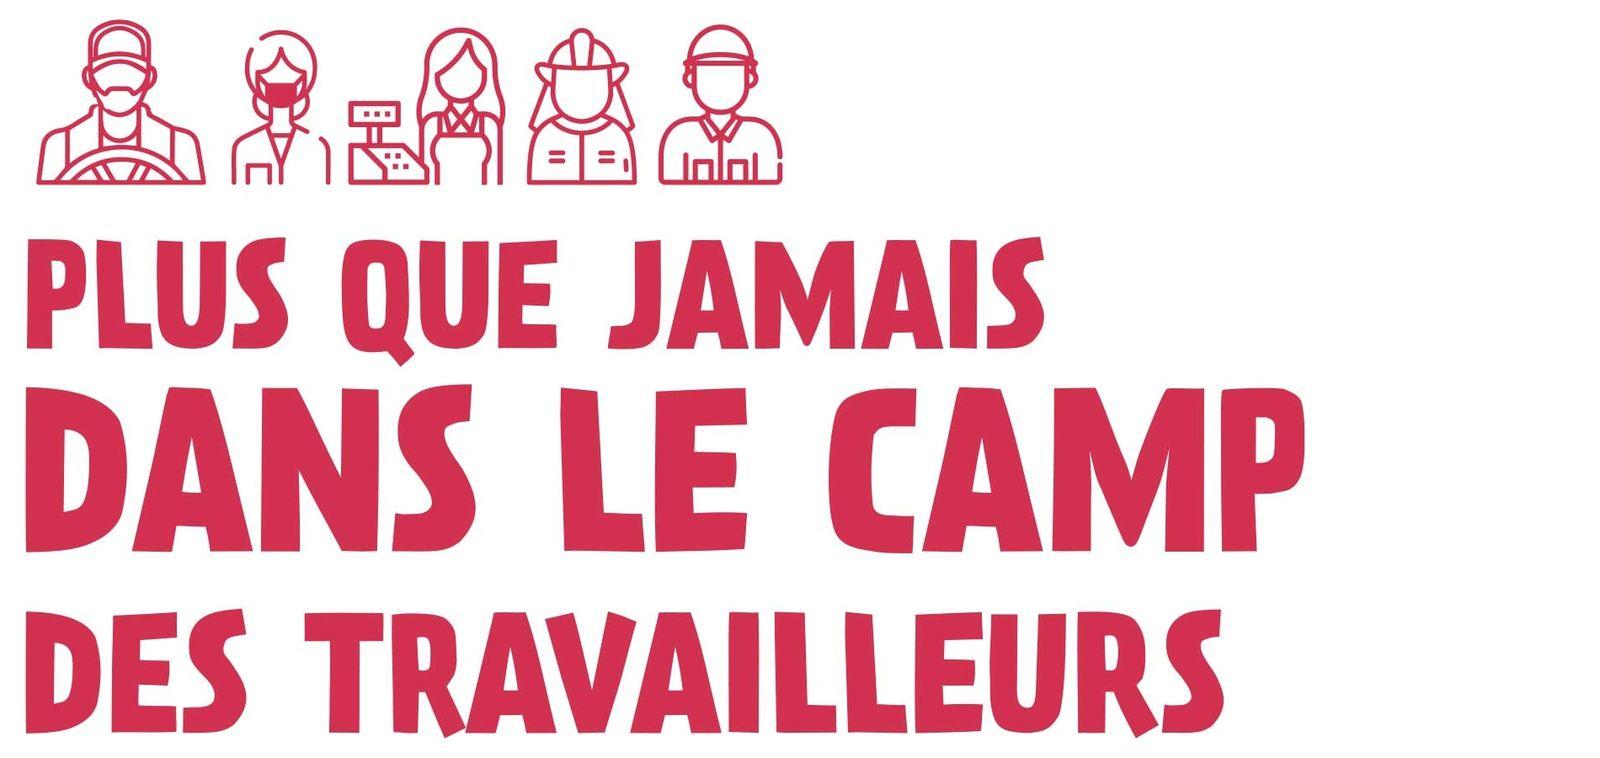 LE 1ER MAI 2020, PENDANT ET APRÈS LE CONFINEMENT, LA GAUCHE RÉPUBLICAINE & SOCIALISTE EST PLUS QUE JAMAIS DANS LE CAMP DES TRAVAILLEURS